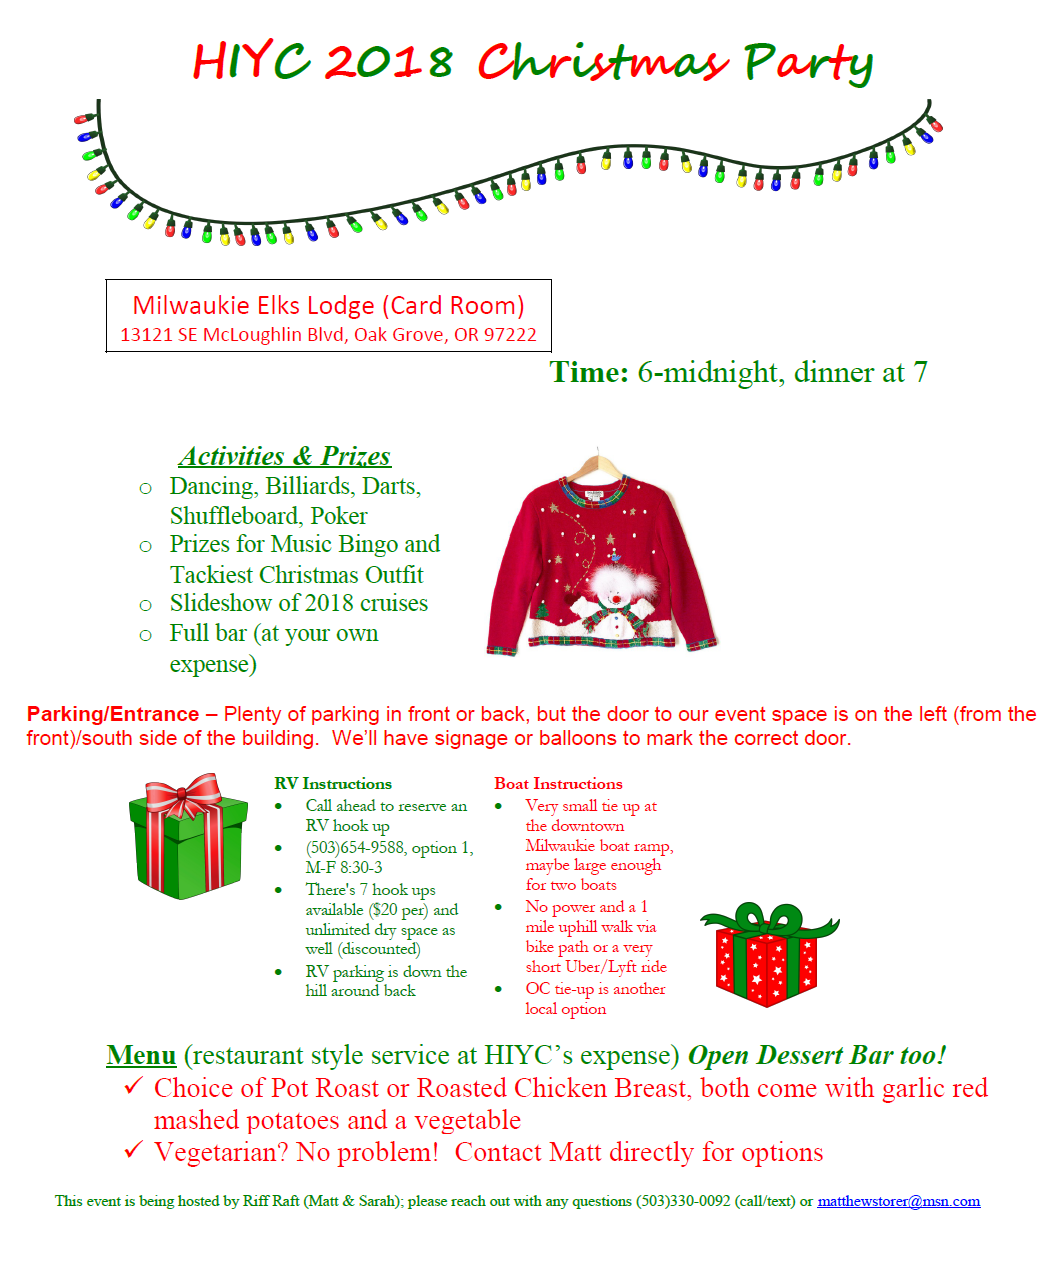 HIYC_Christmas_Event_2018